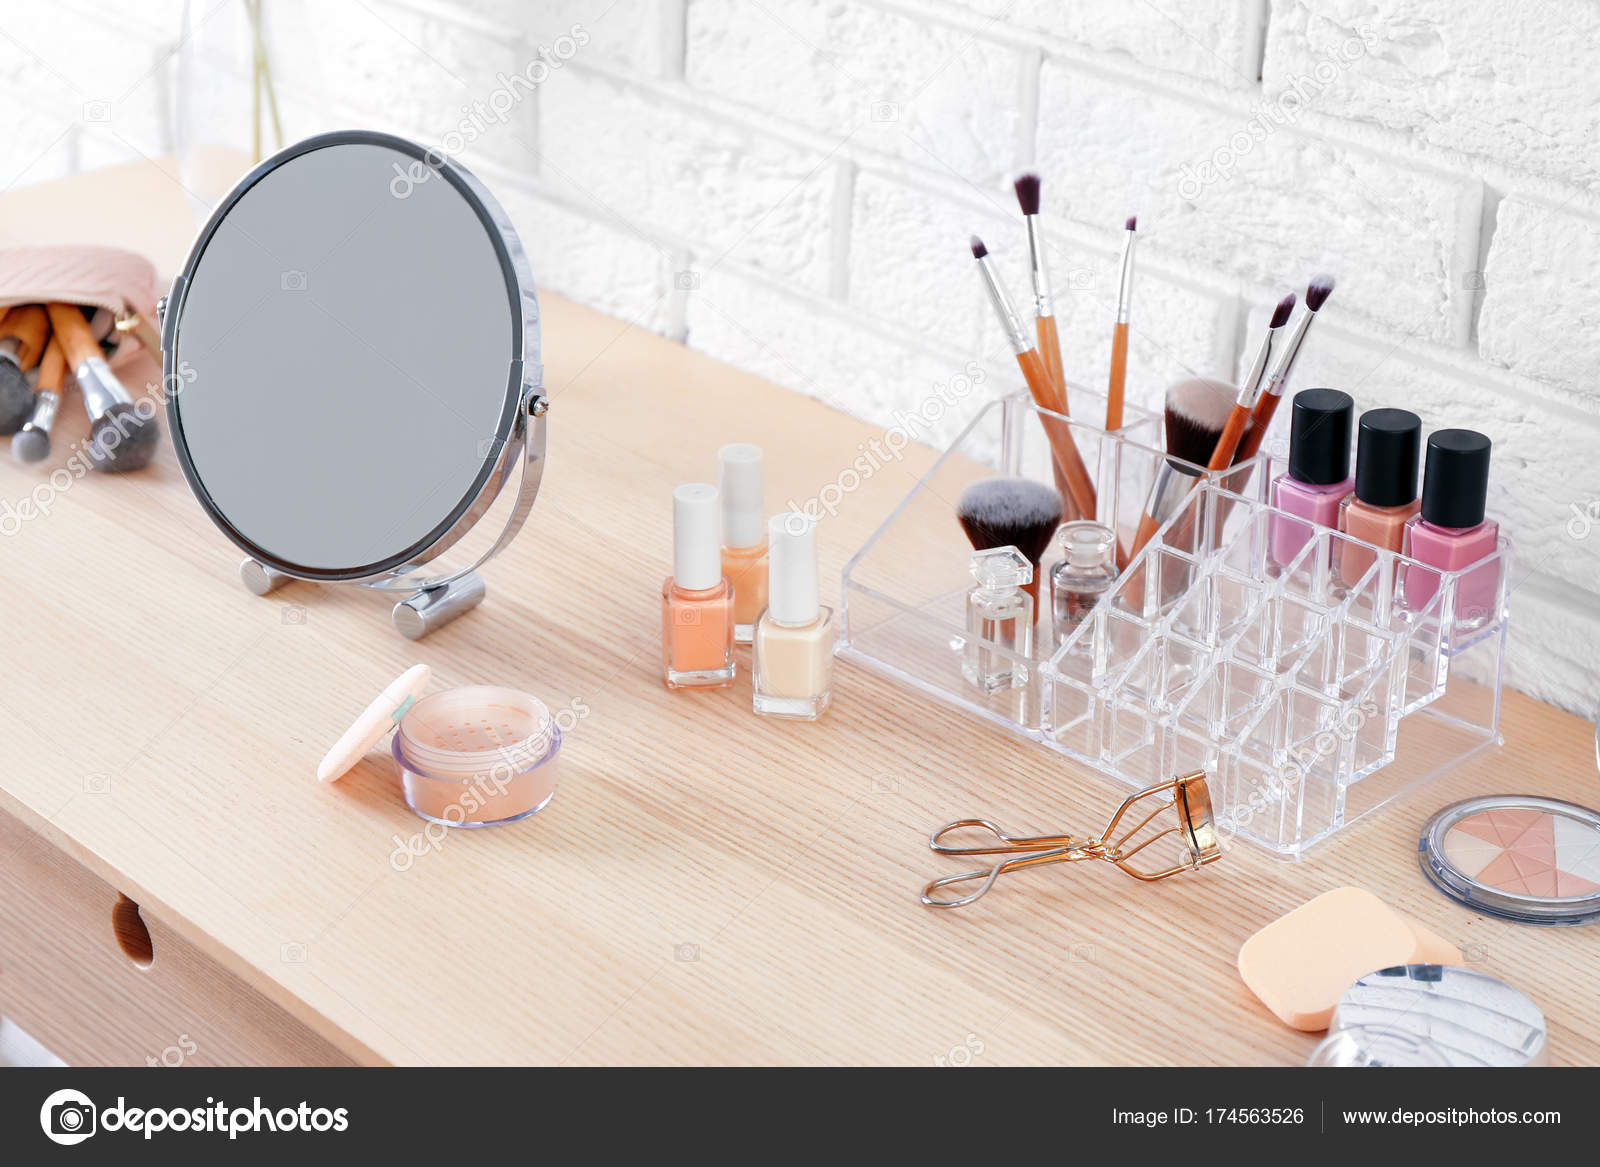 Kaptafel Met Spiegel : Cosmetische aangezet kaptafel met spiegel u2014 stockfoto © belchonock